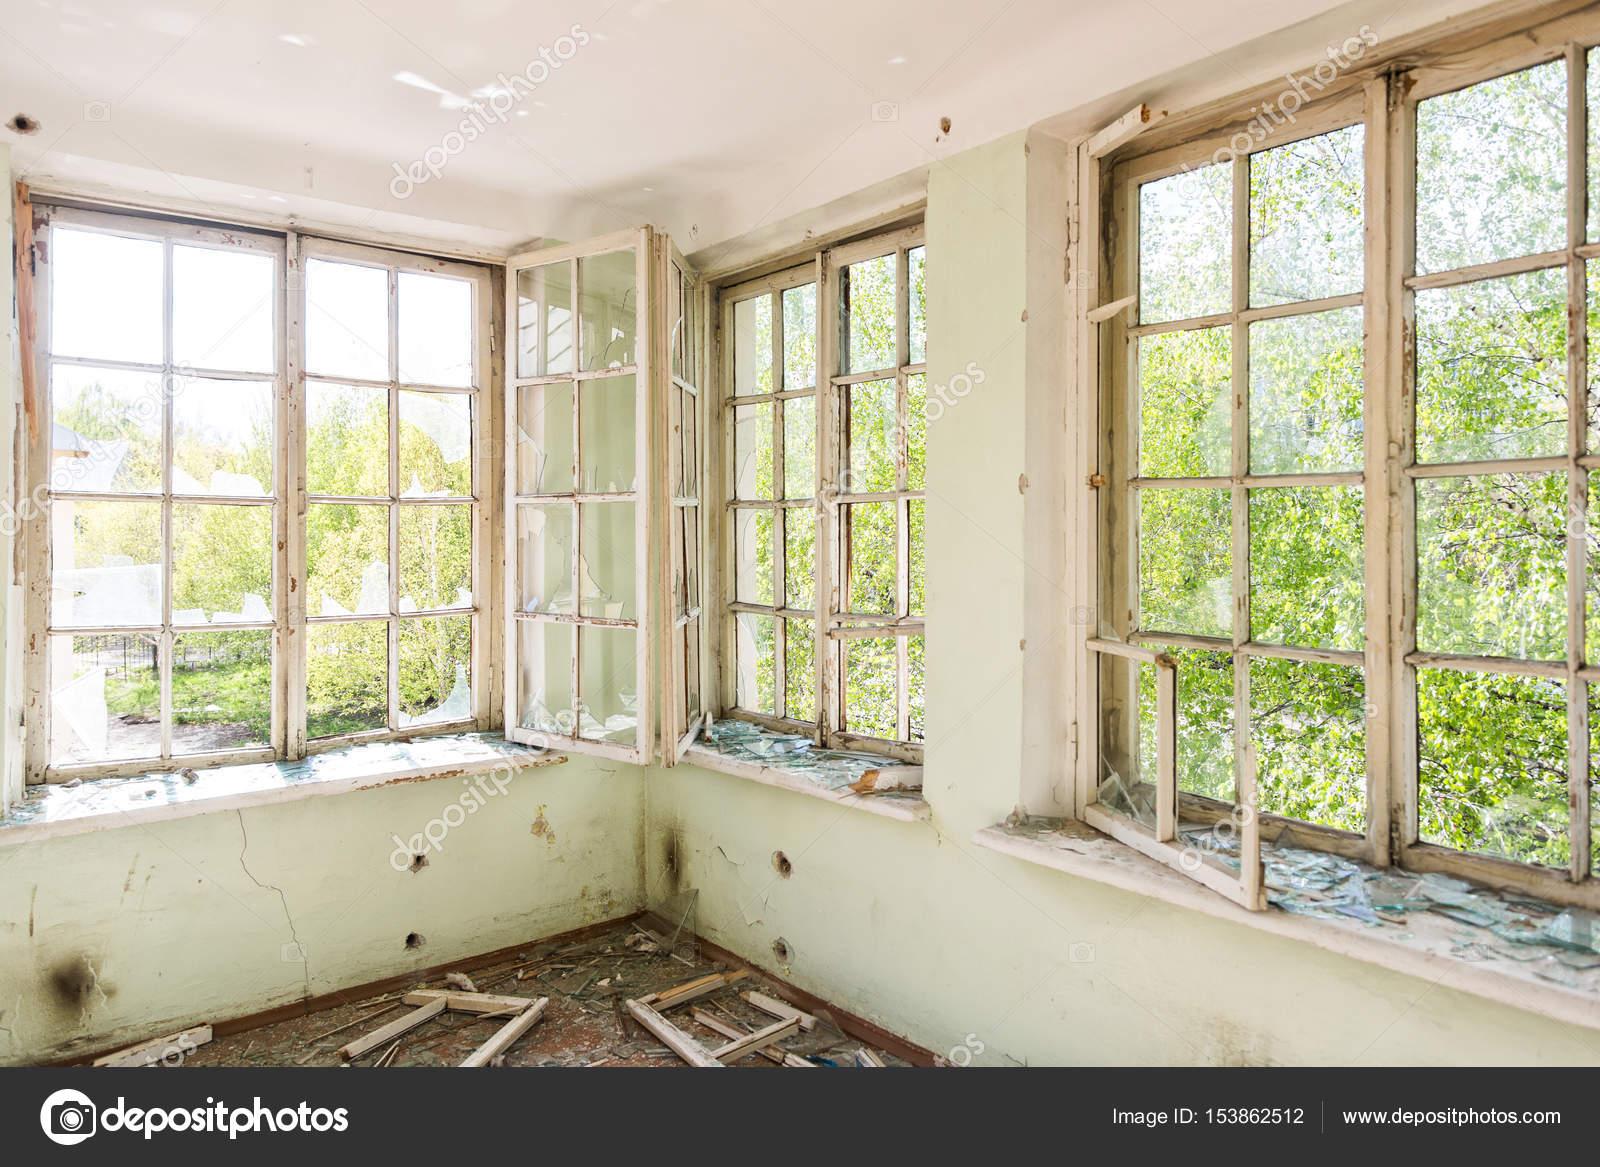 Interieur van een verwoeste gebouw. Verlaten sfeer — Stockfoto ...